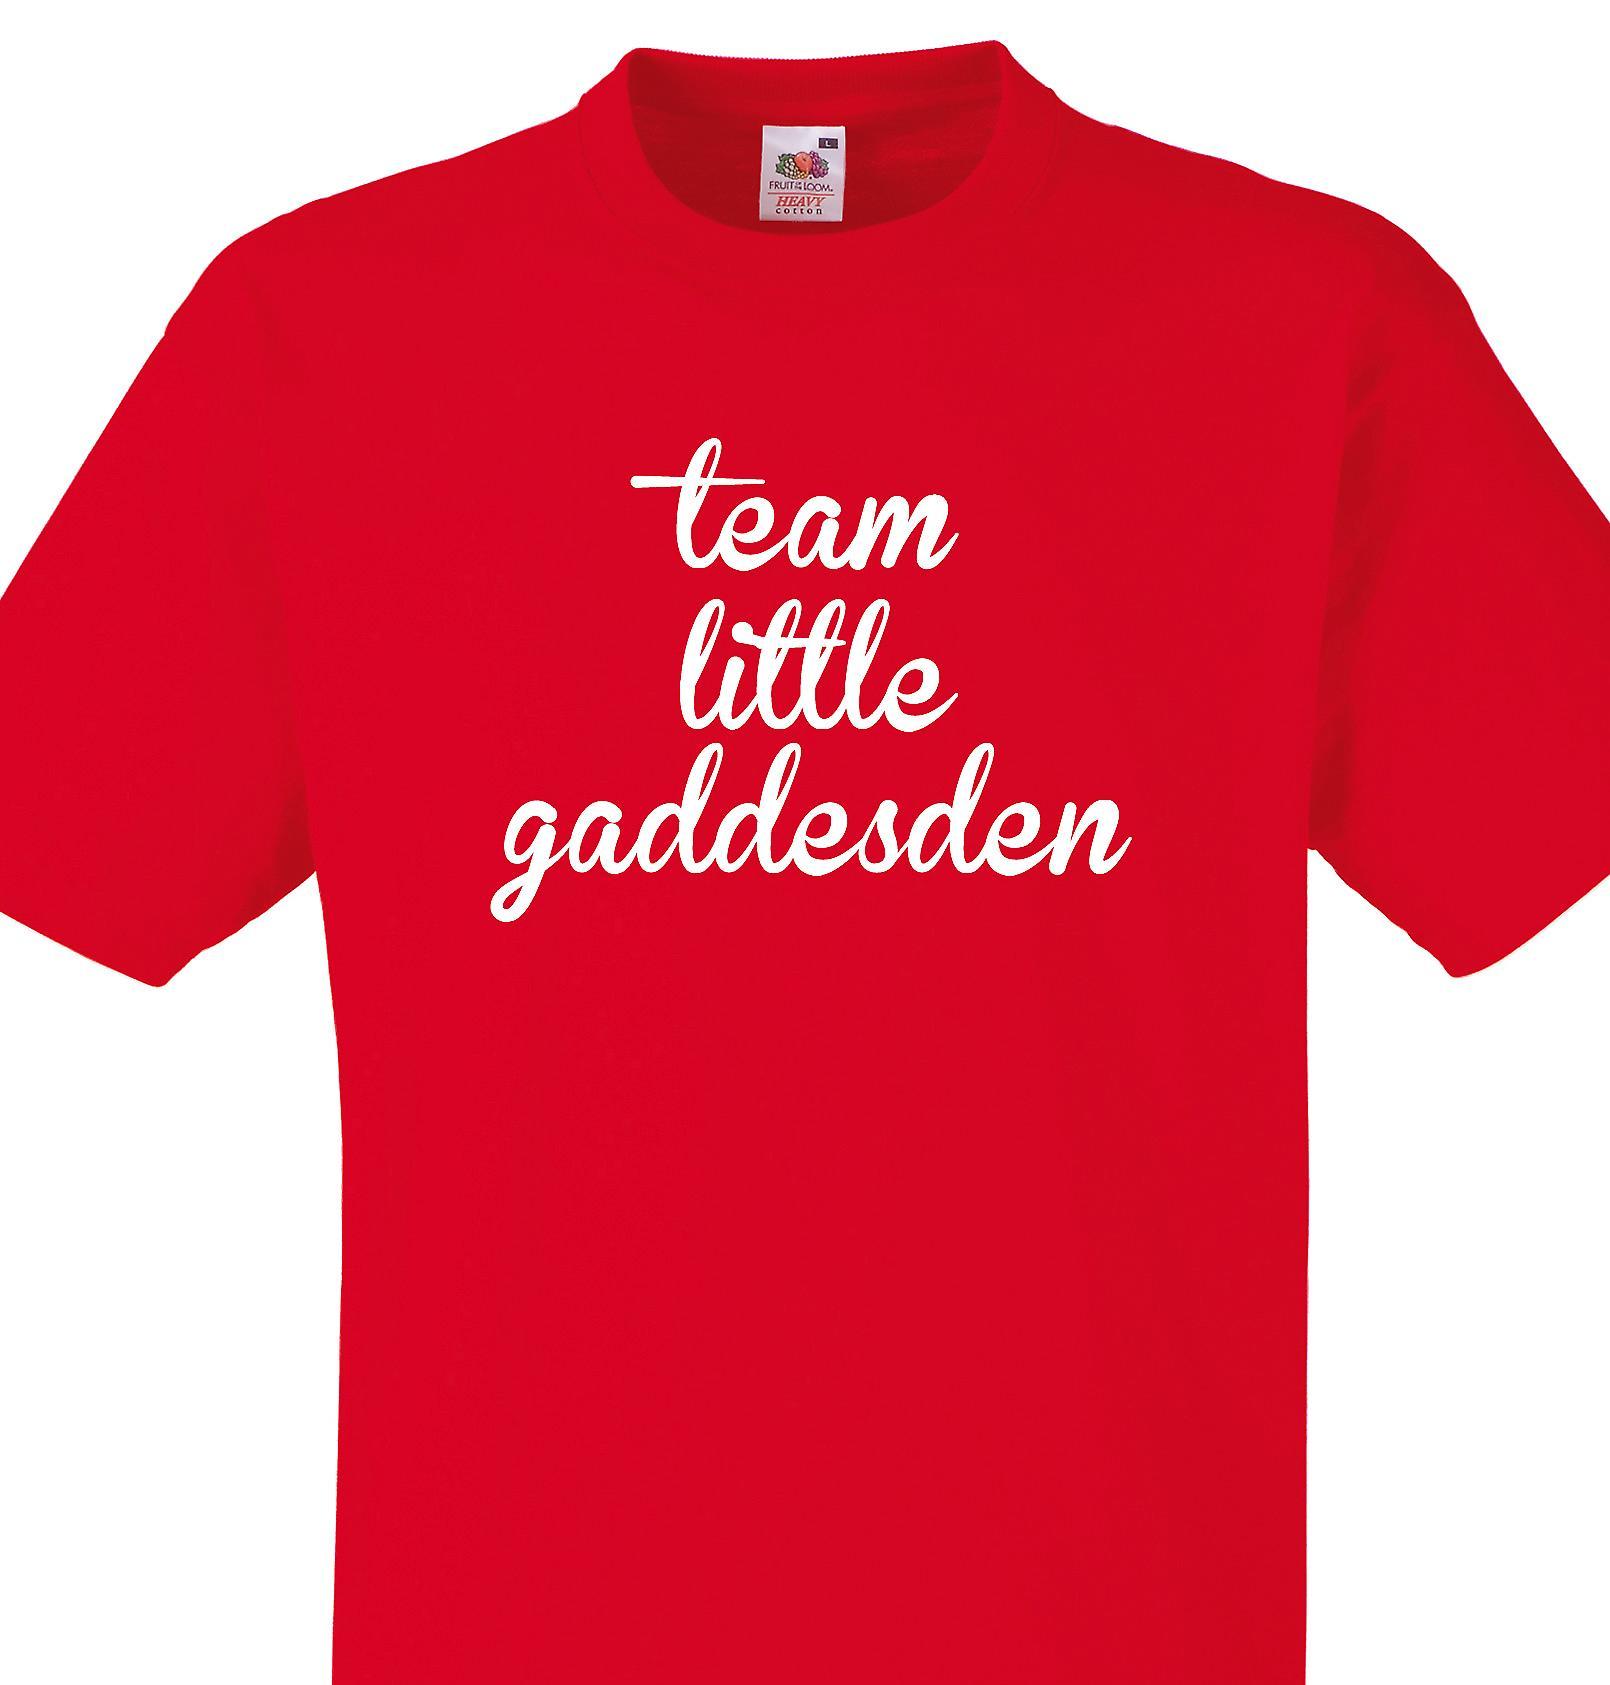 Team Little gaddesden Red T shirt